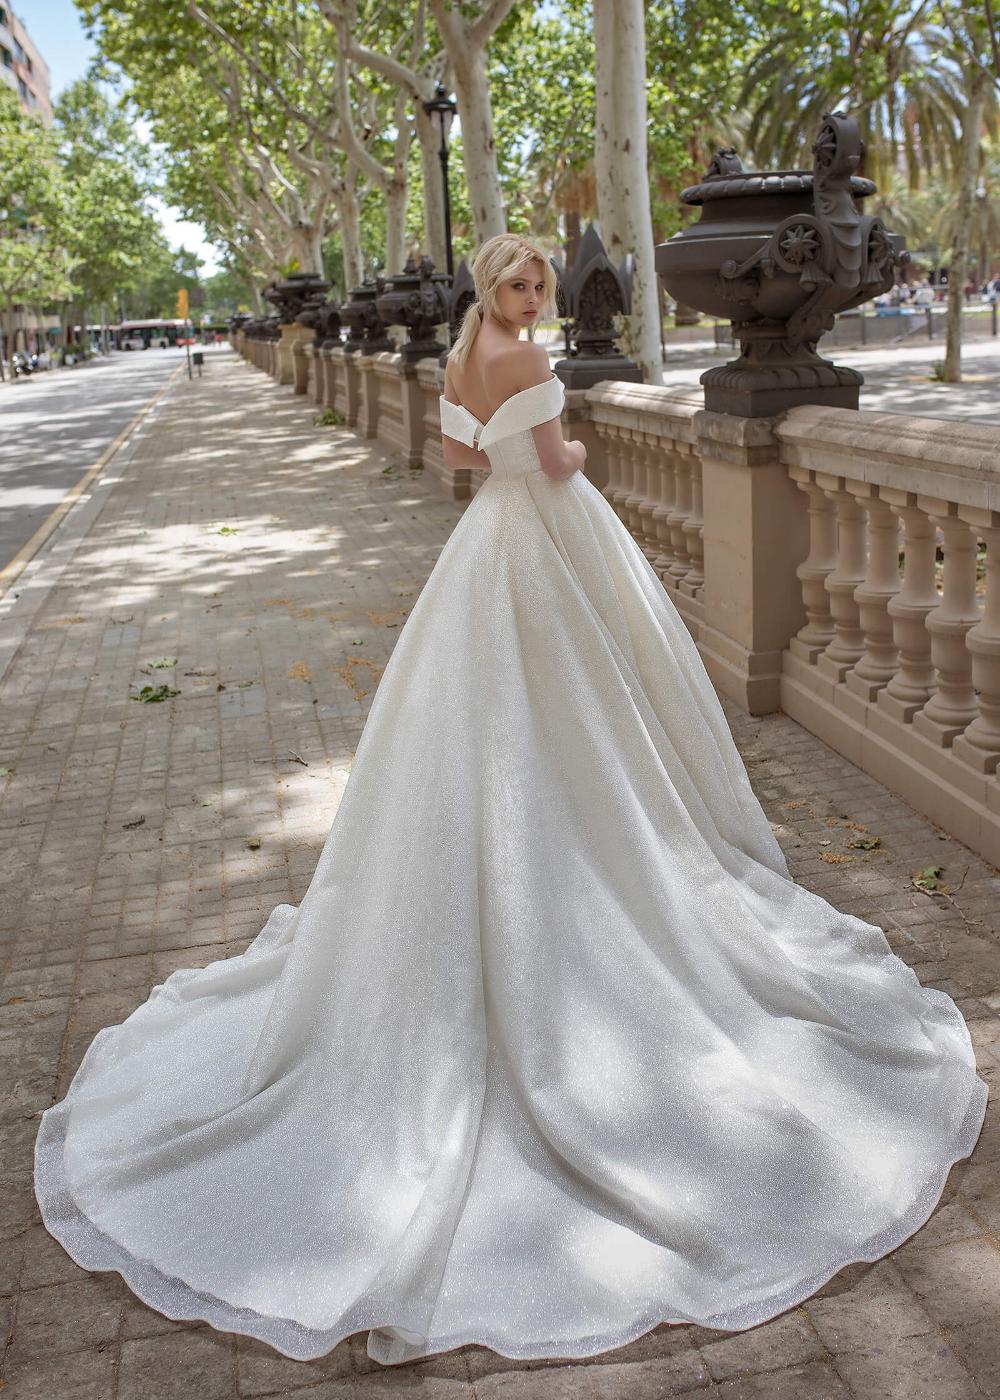 Bling Off Shoulder Wedding Dresses 20 Bride Dress With Low Back ...